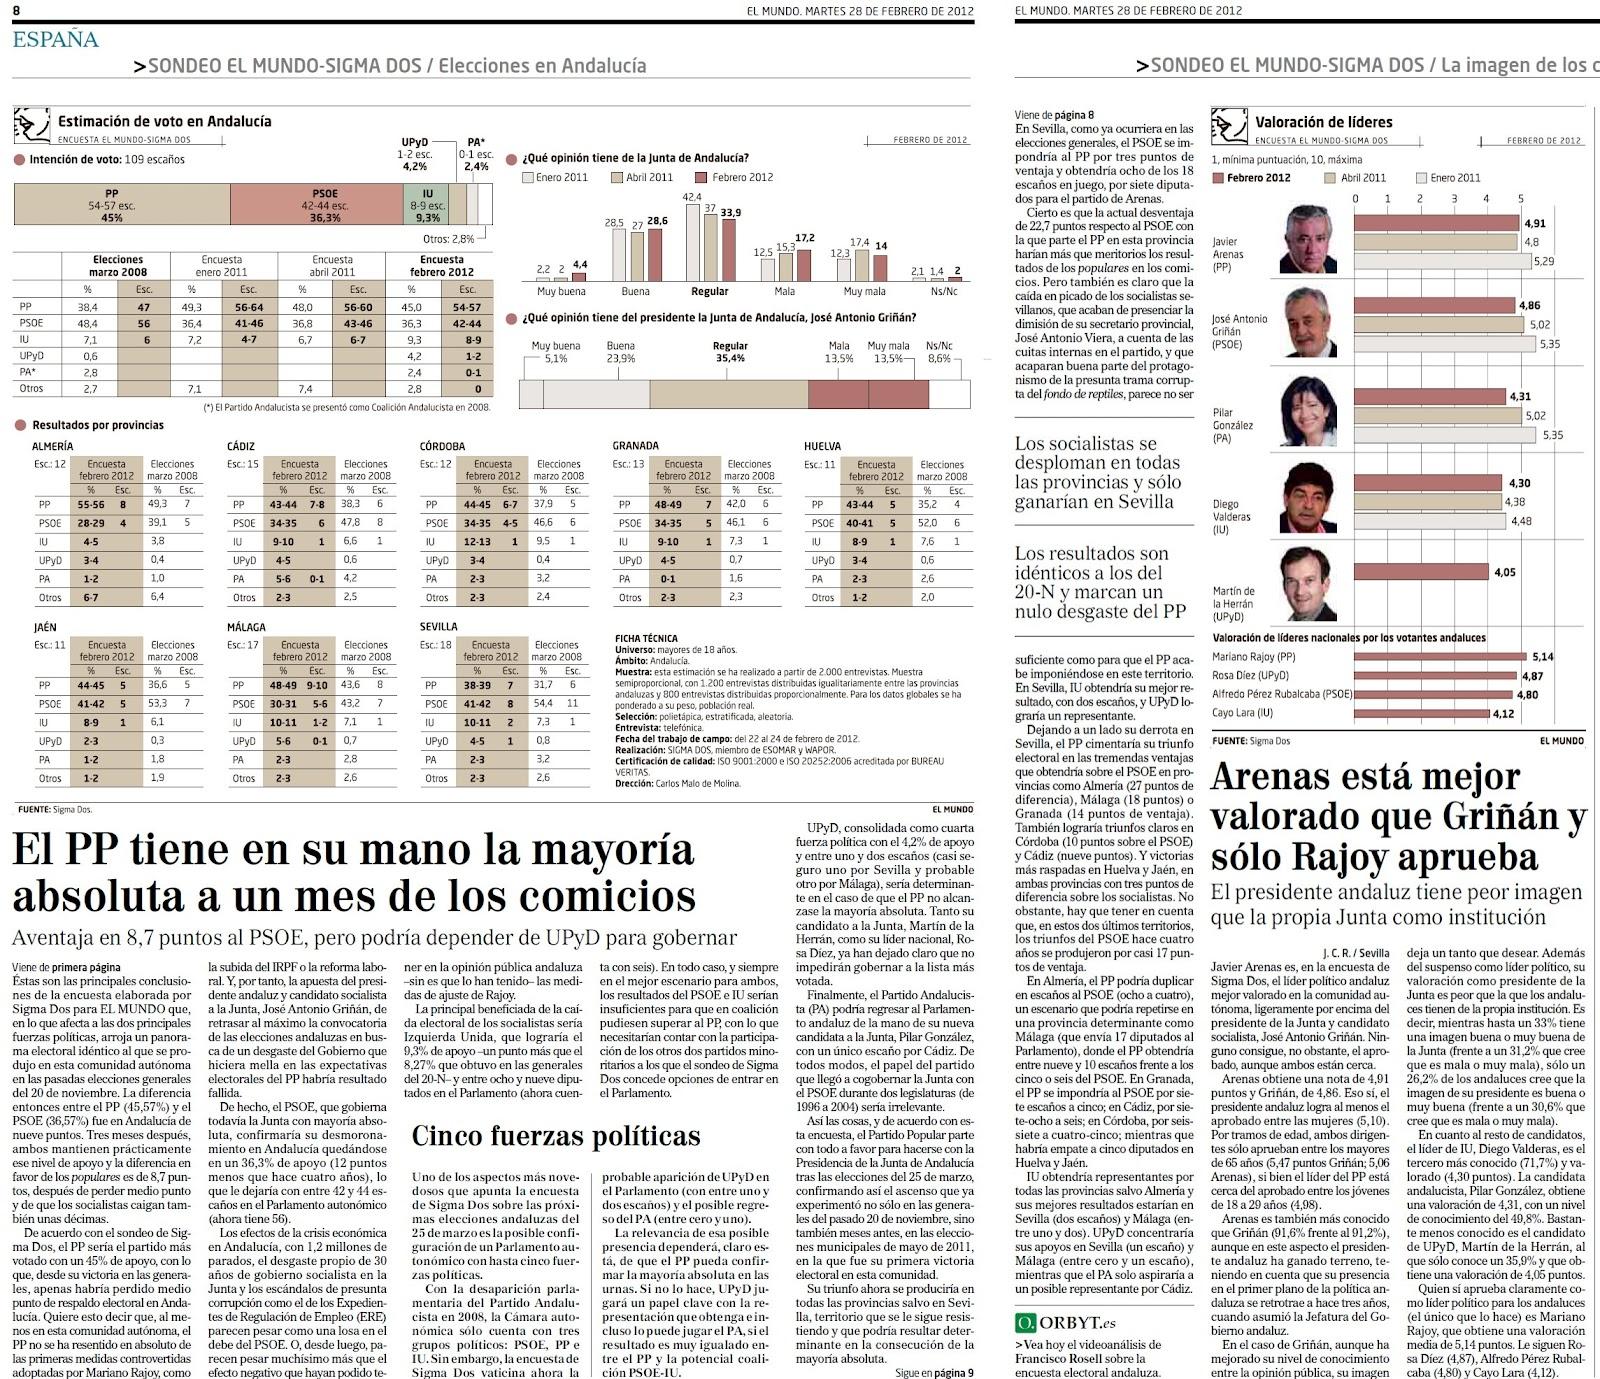 Tendremos que soportar sacrificios de casi 50.0000 millones por la mala gestión de los Gobiernos del PSOE